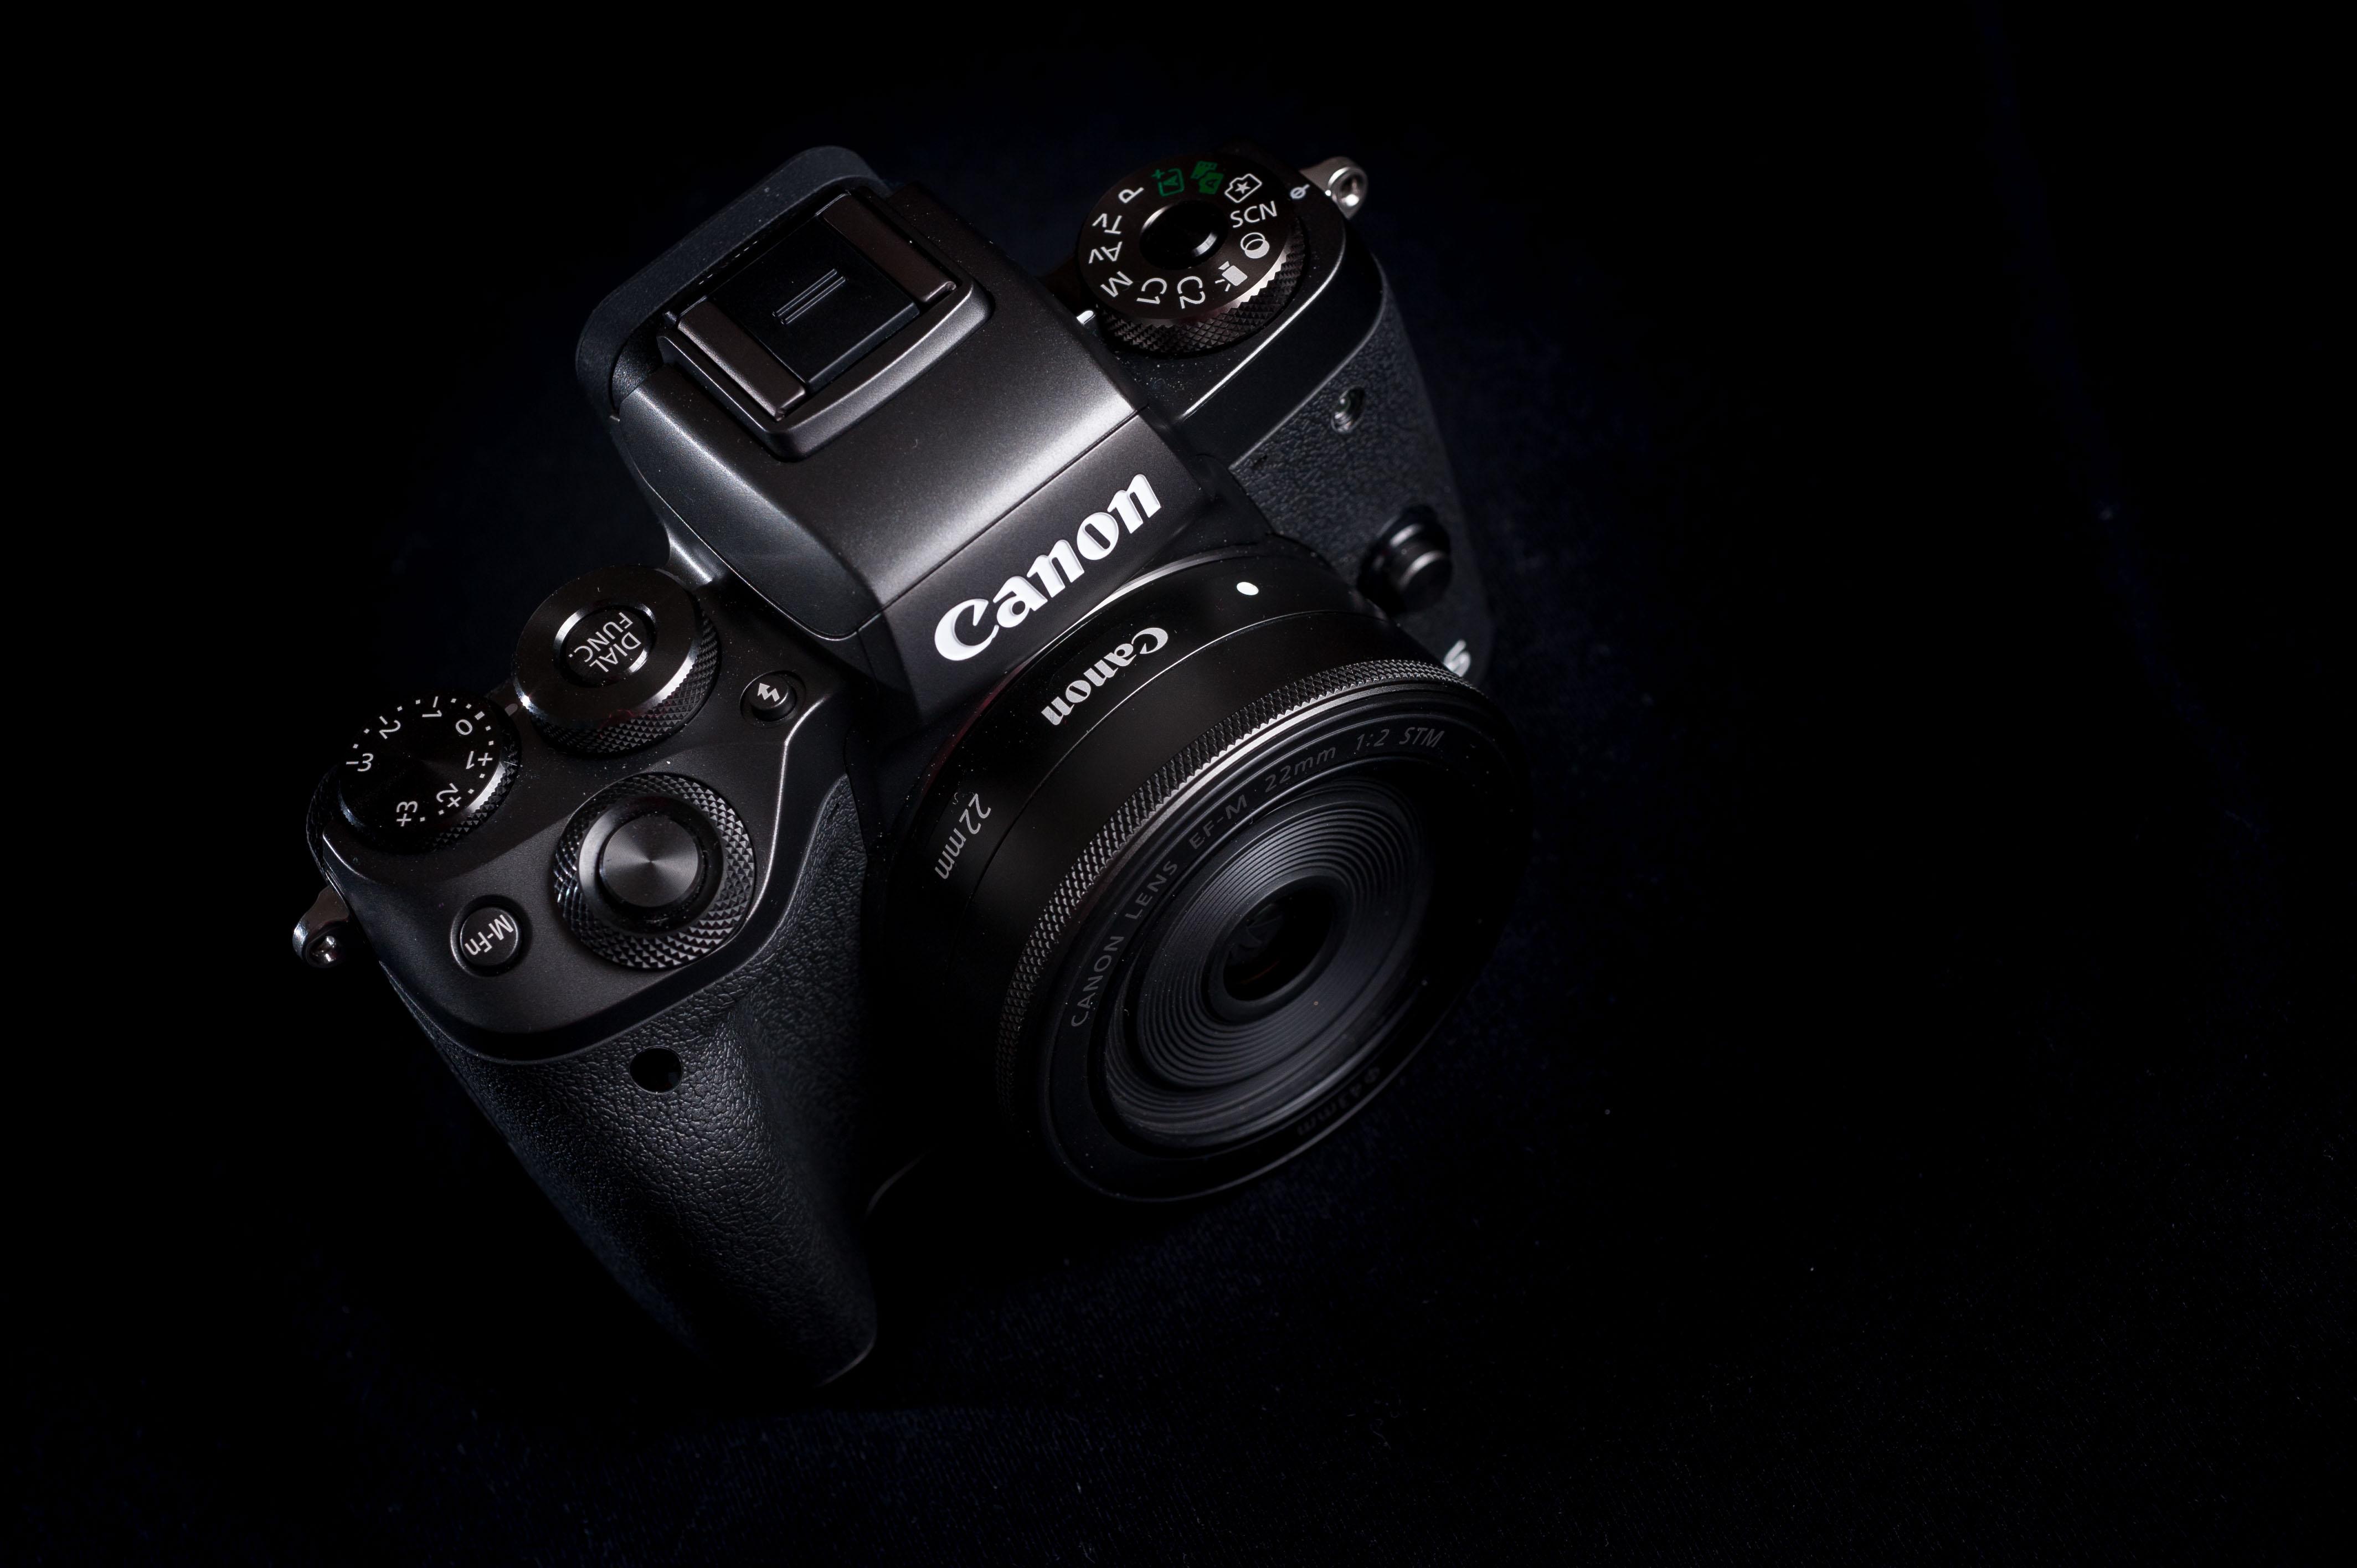 کانن در حال کار بر روی بیش از یک دوربین فول فریم بدون آینه میباشد